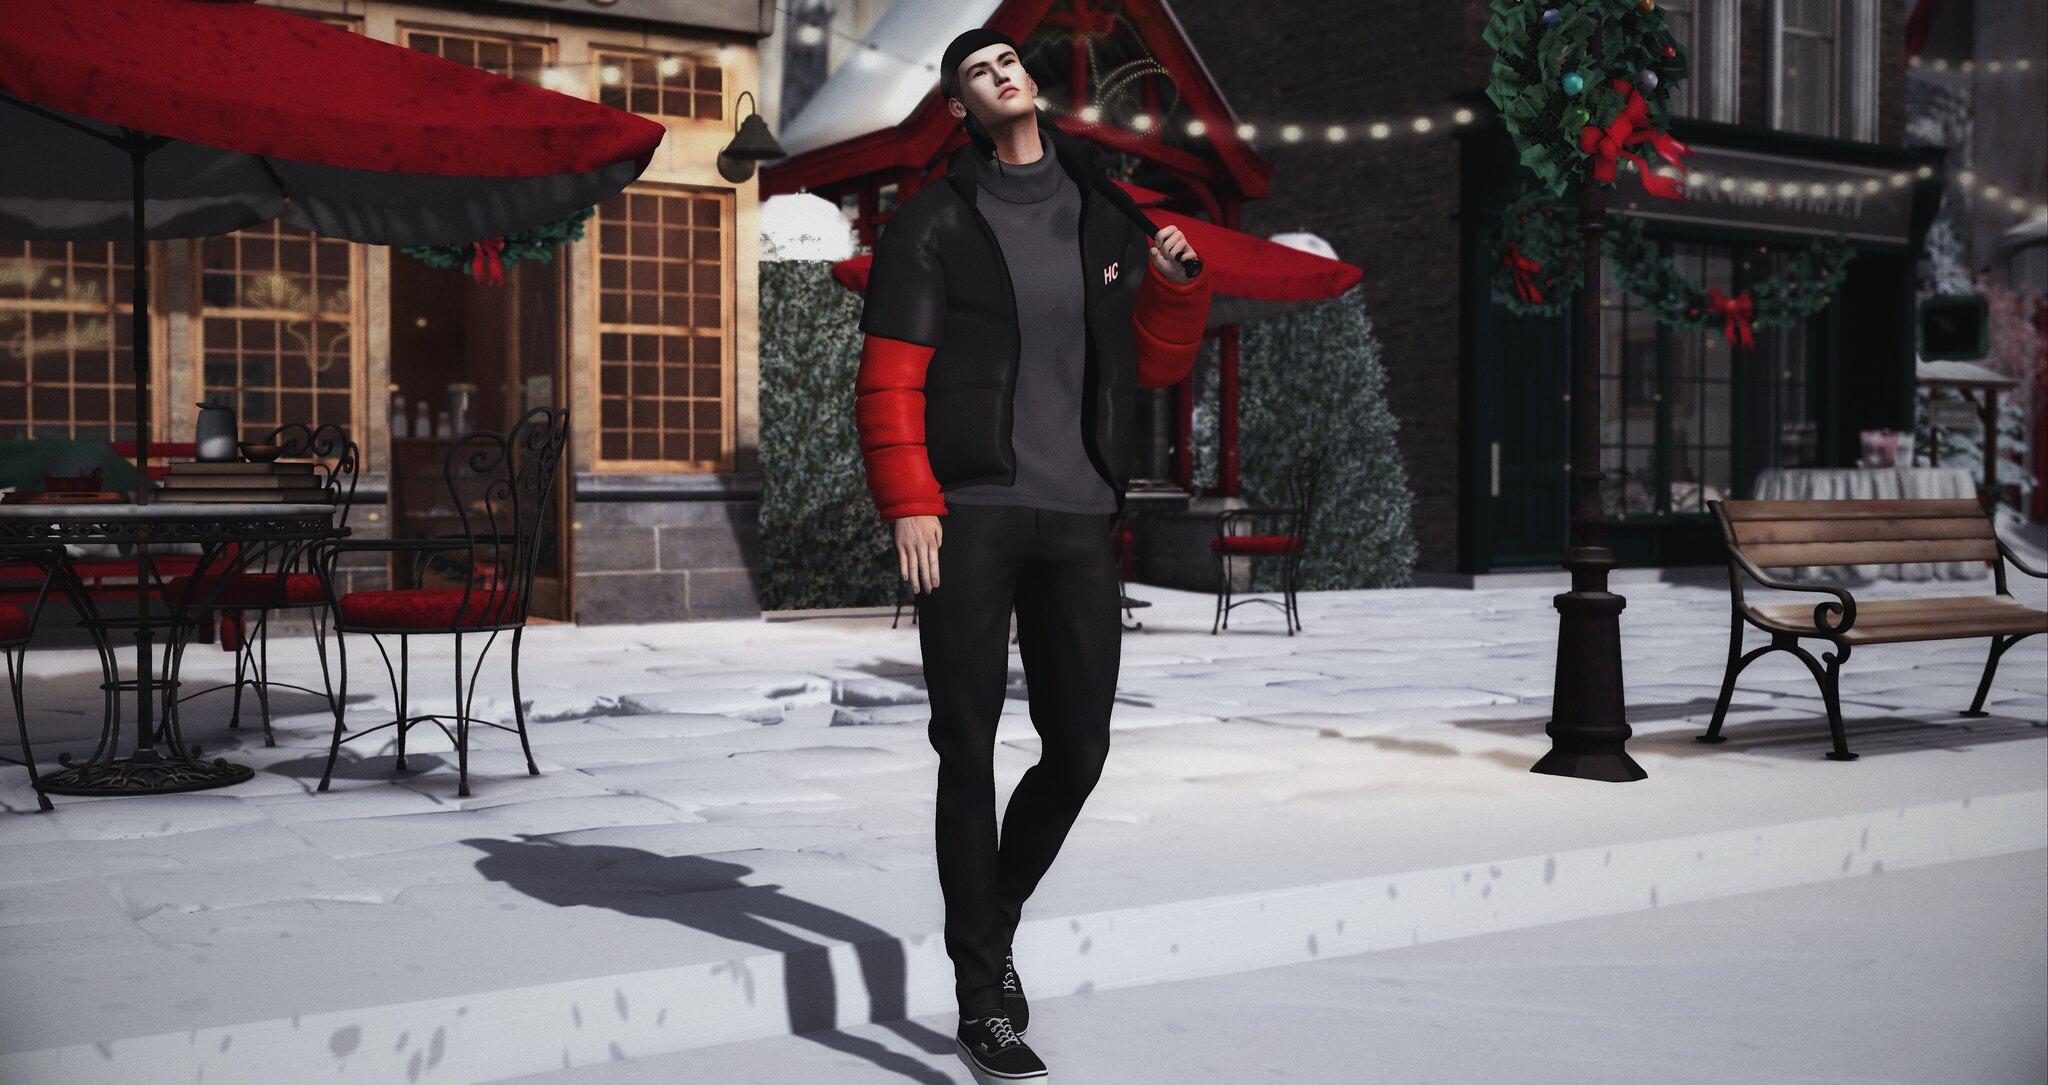 A Ghetto Christmas